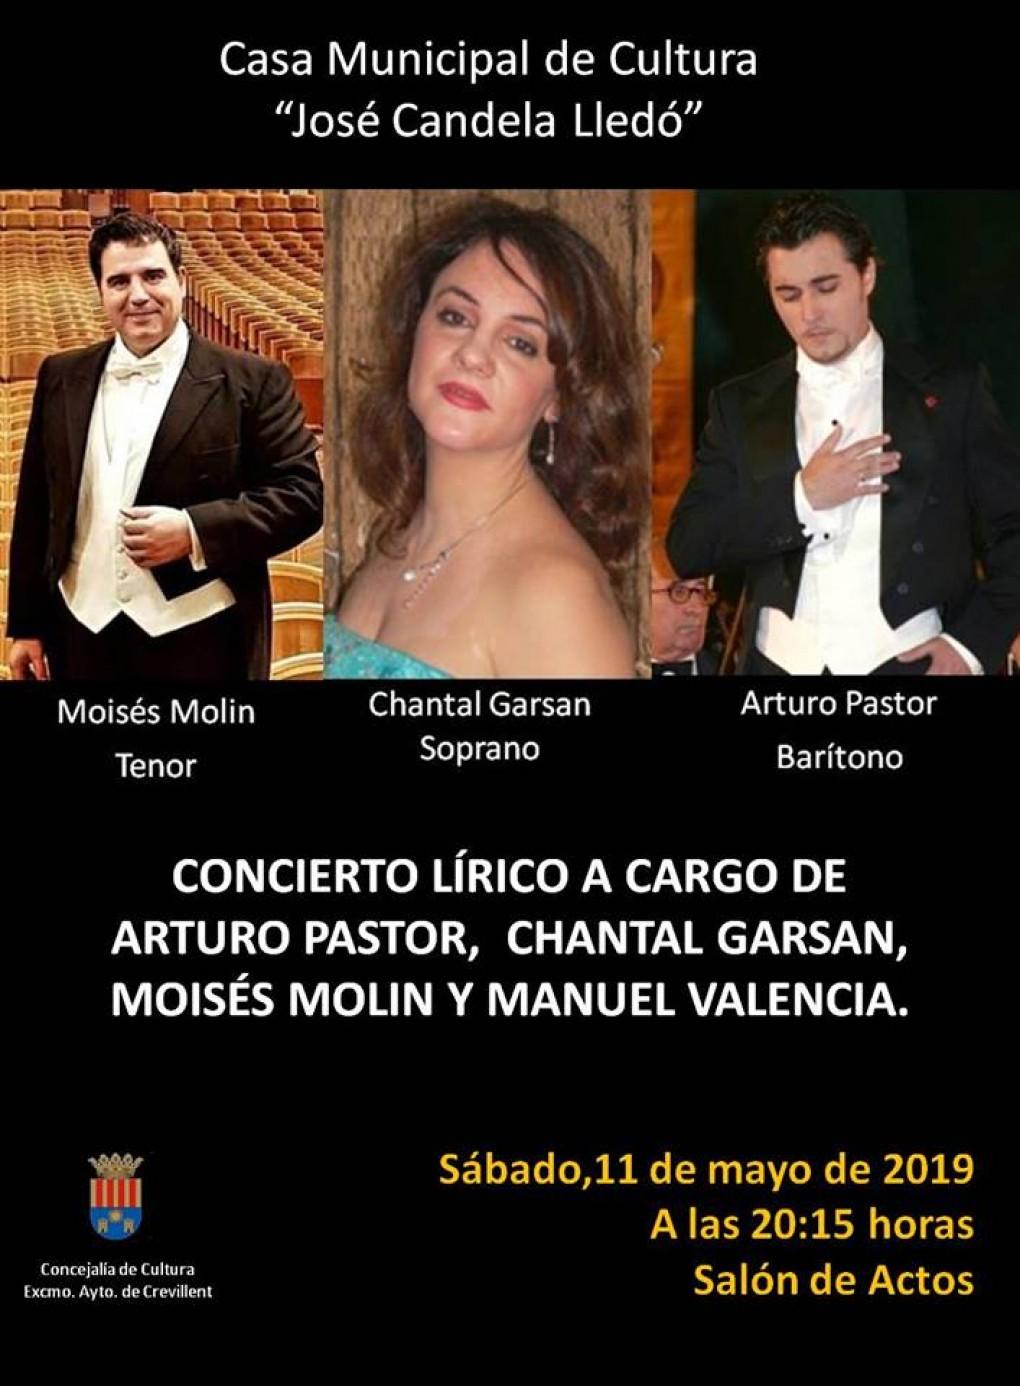 La Casa de Cultura acoge el sábado un concierto de ópera y zarzuela